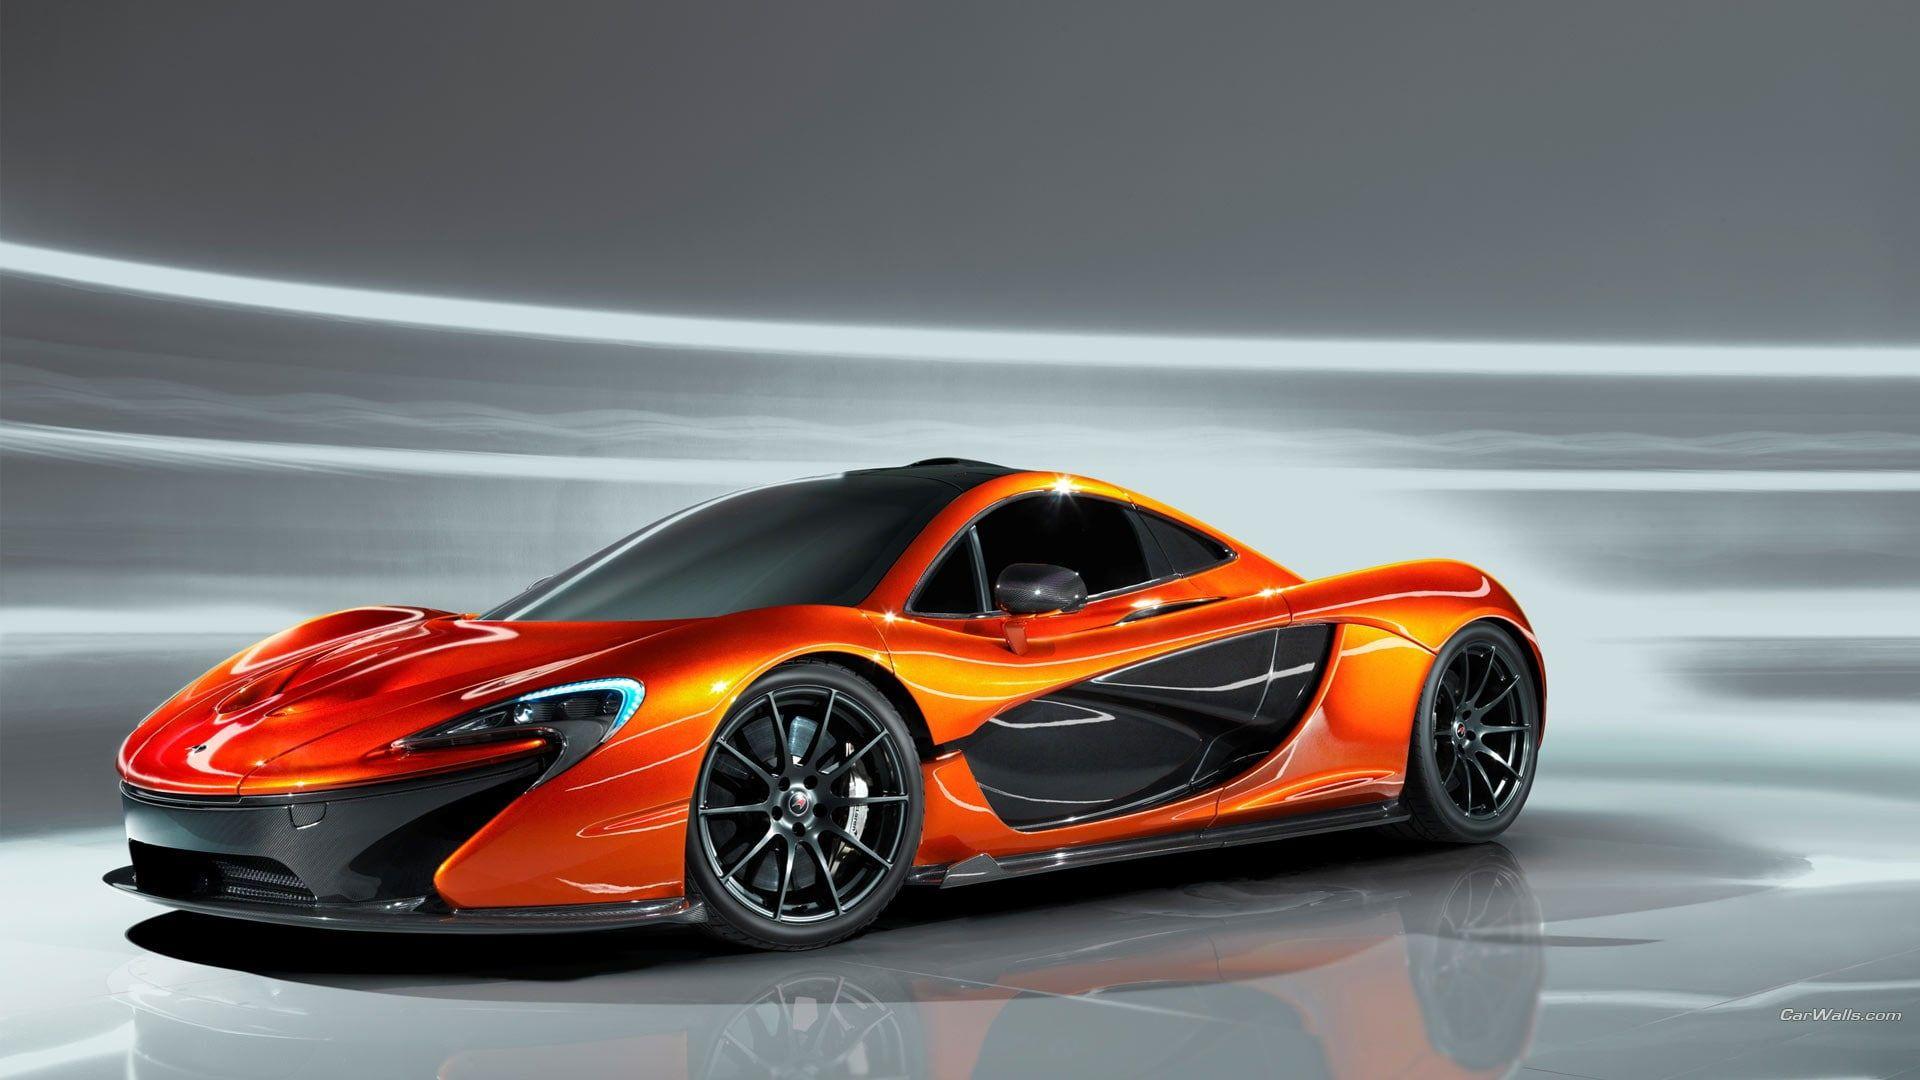 Mclaren P1 Car 1080p Wallpaper Hdwallpaper Desktop Cool Sports Cars Mclaren P1 Sports Cars Luxury